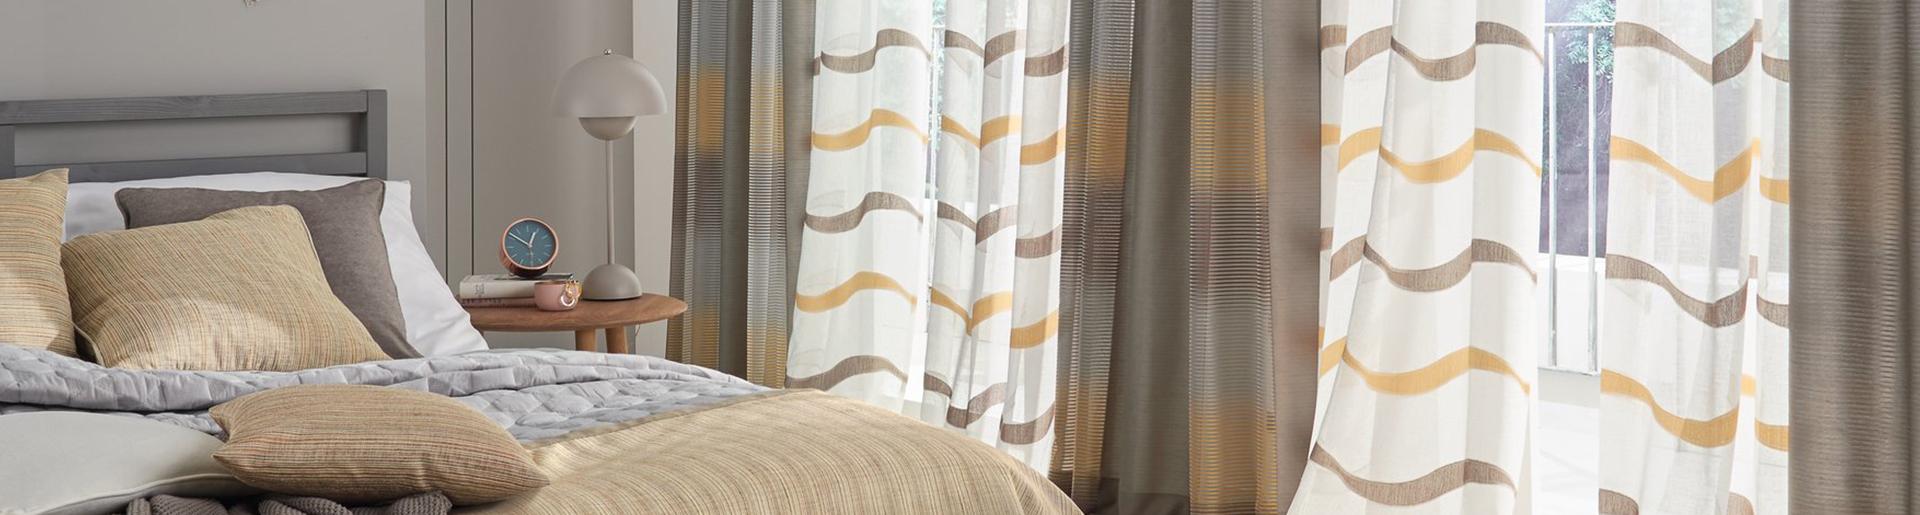 m ller gardinen freudenstadt verdunkelungsvorhang vorh nge nagold calw baiersbronn. Black Bedroom Furniture Sets. Home Design Ideas